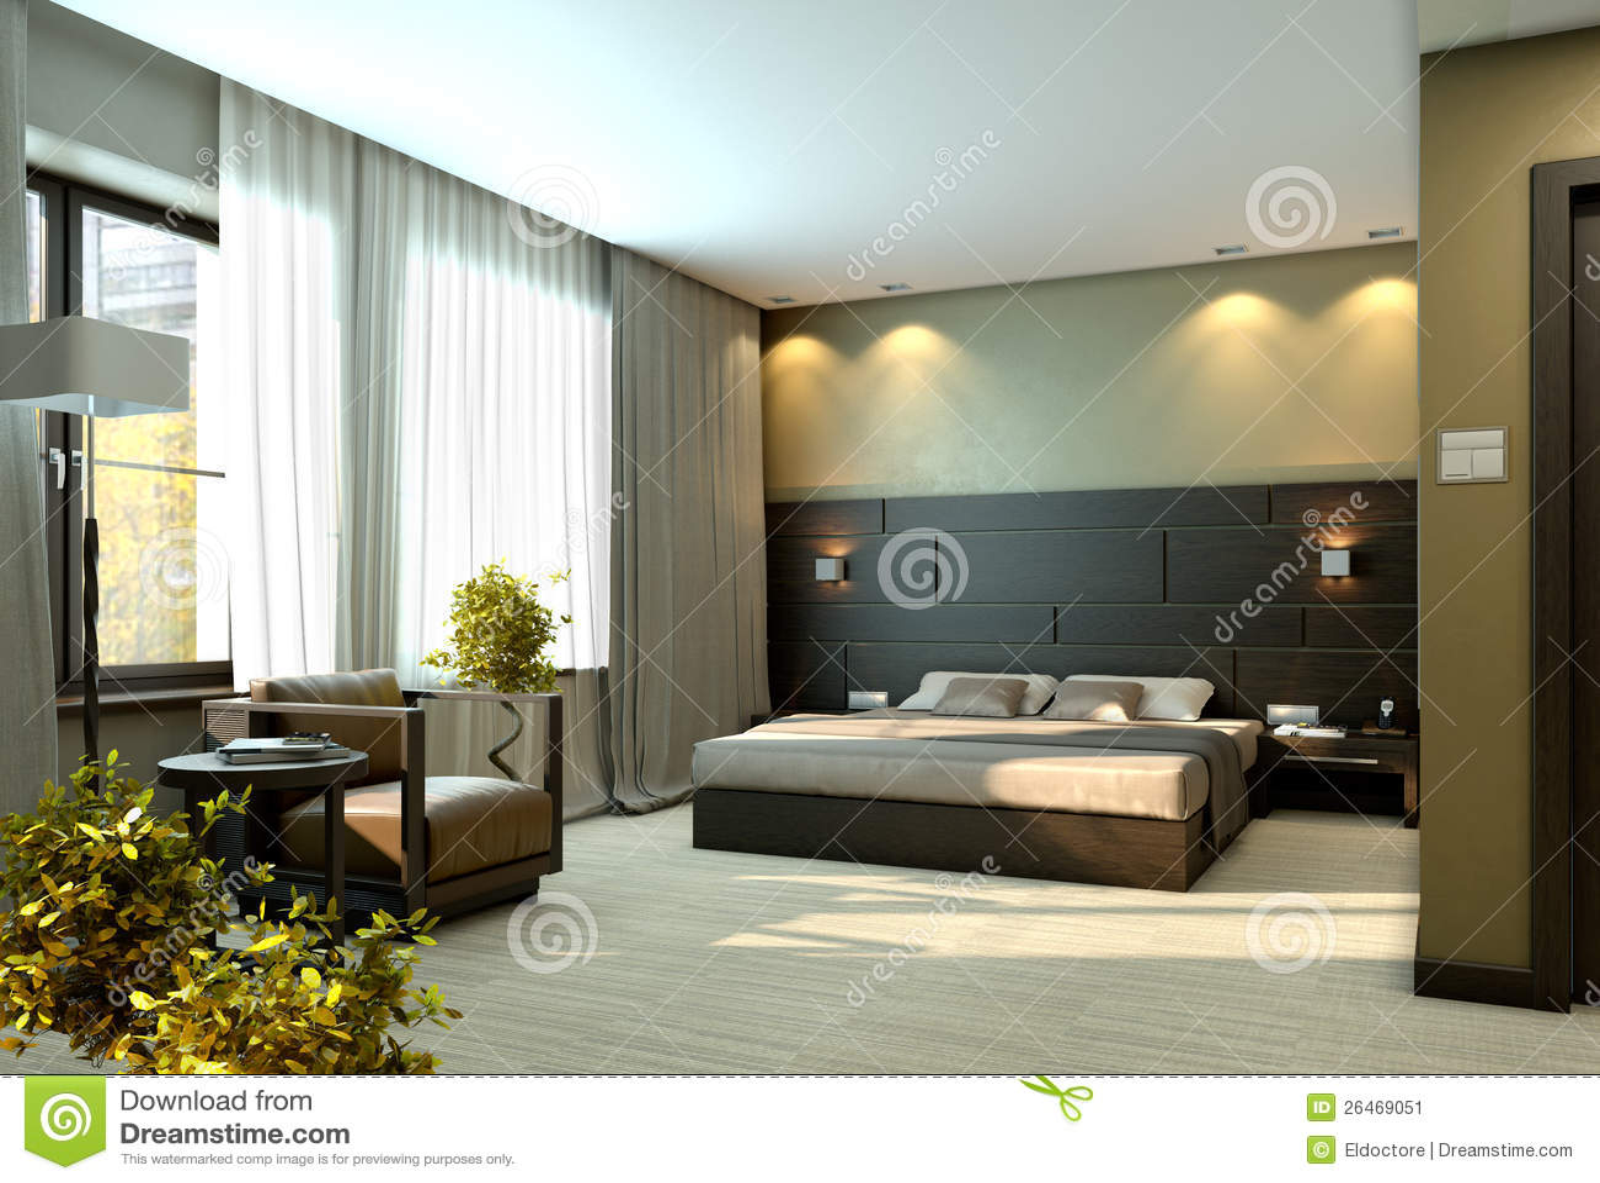 Chambre à Coucher Beige De Luxe Moderne Image stock - Image: 26469051